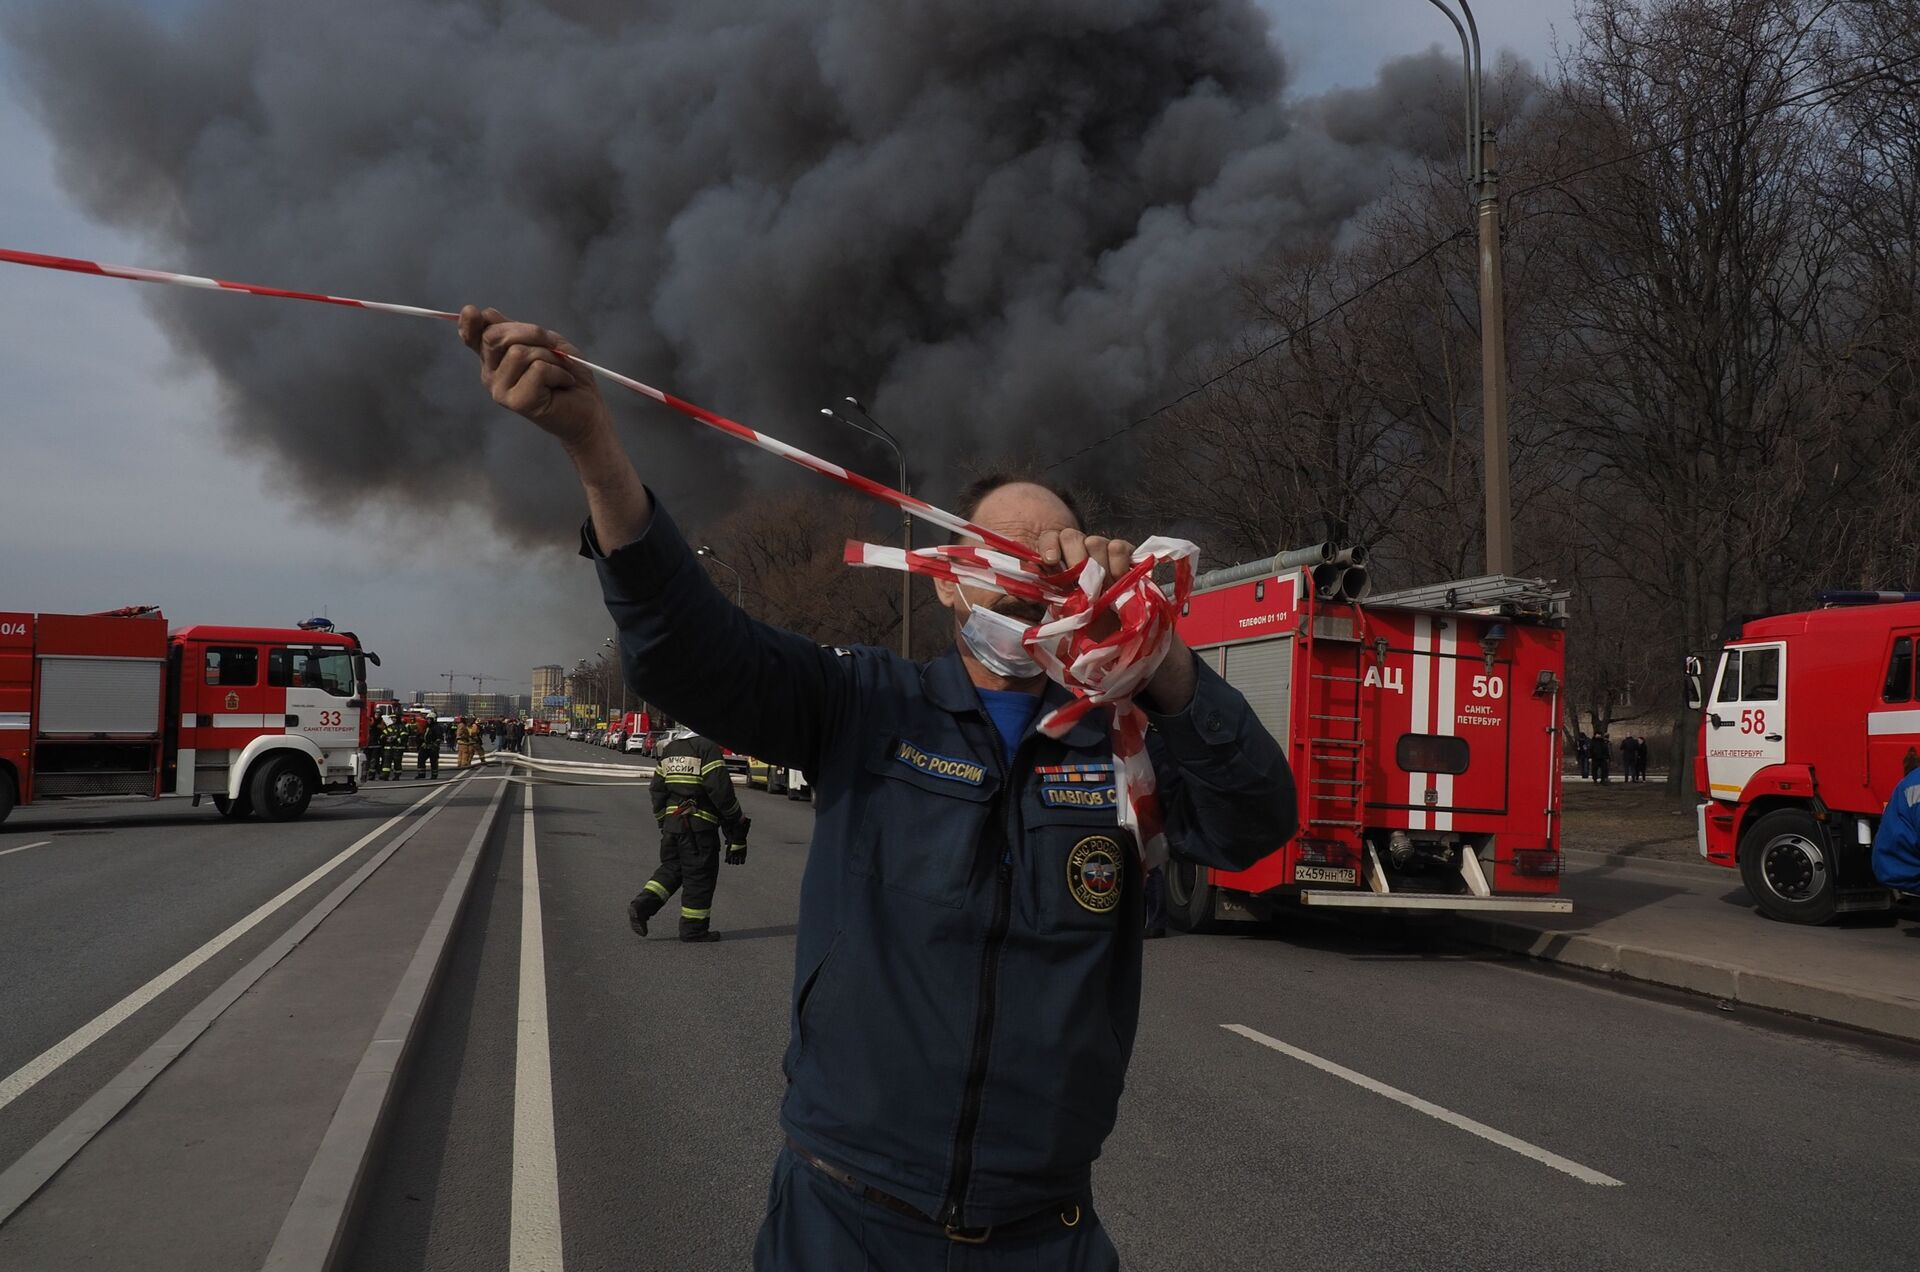 Масштабный пожар на фабрике Невская мануфактура: фото, видео - РИА Новости, 1920, 12.04.2021